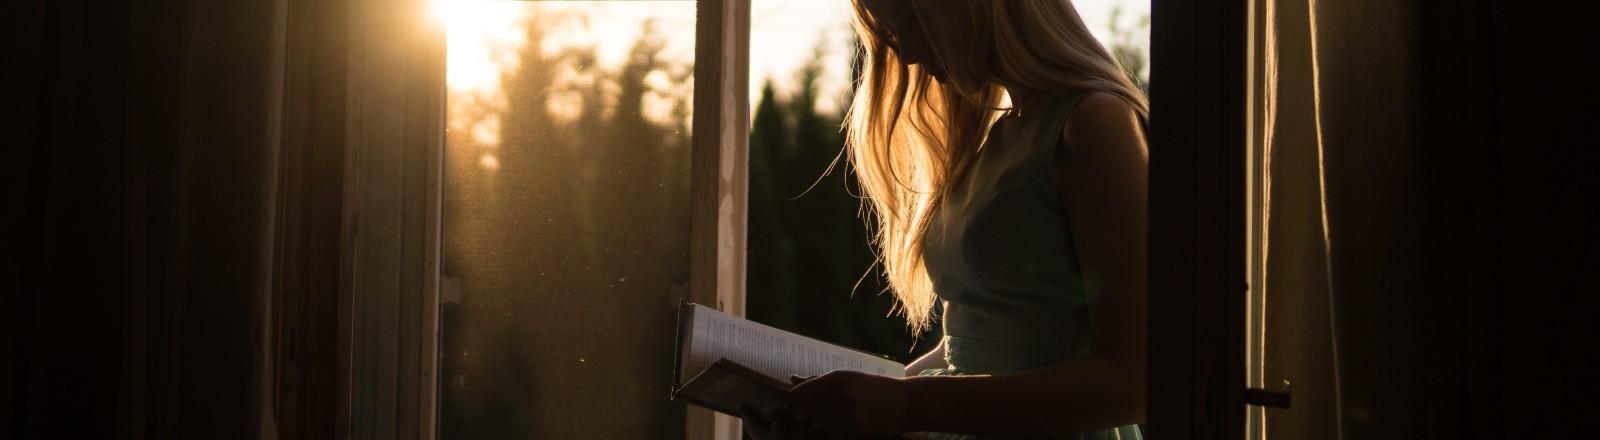 Eine Frau sitzt an einem geöffneten Fenster und liest ein Buch.